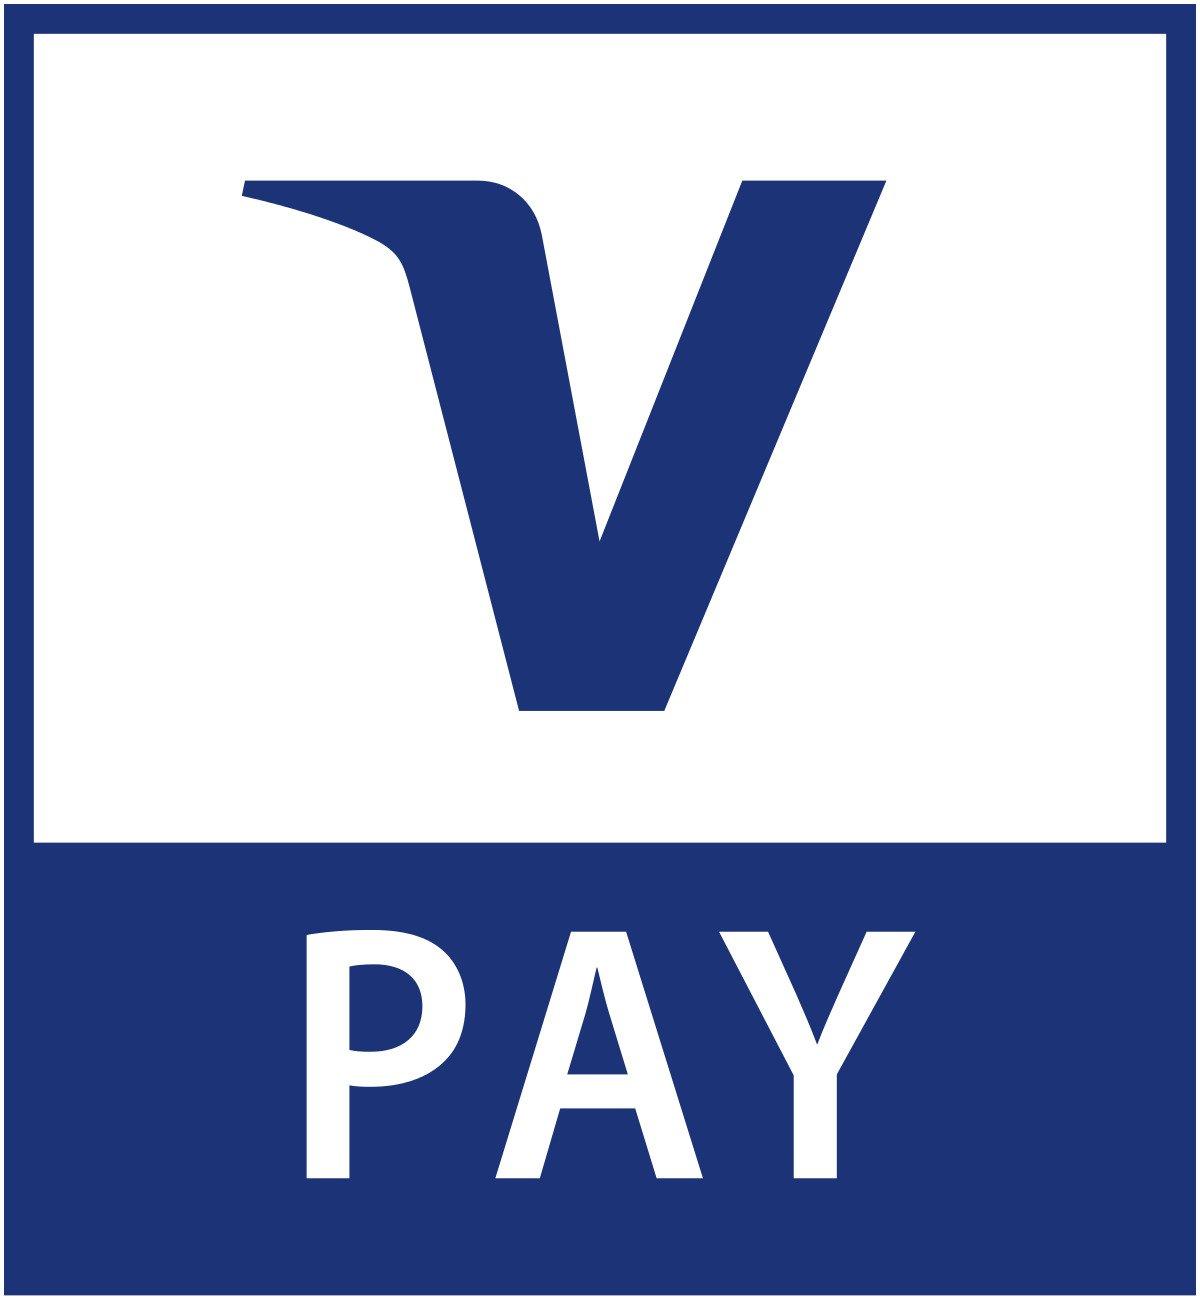 VPay Visa